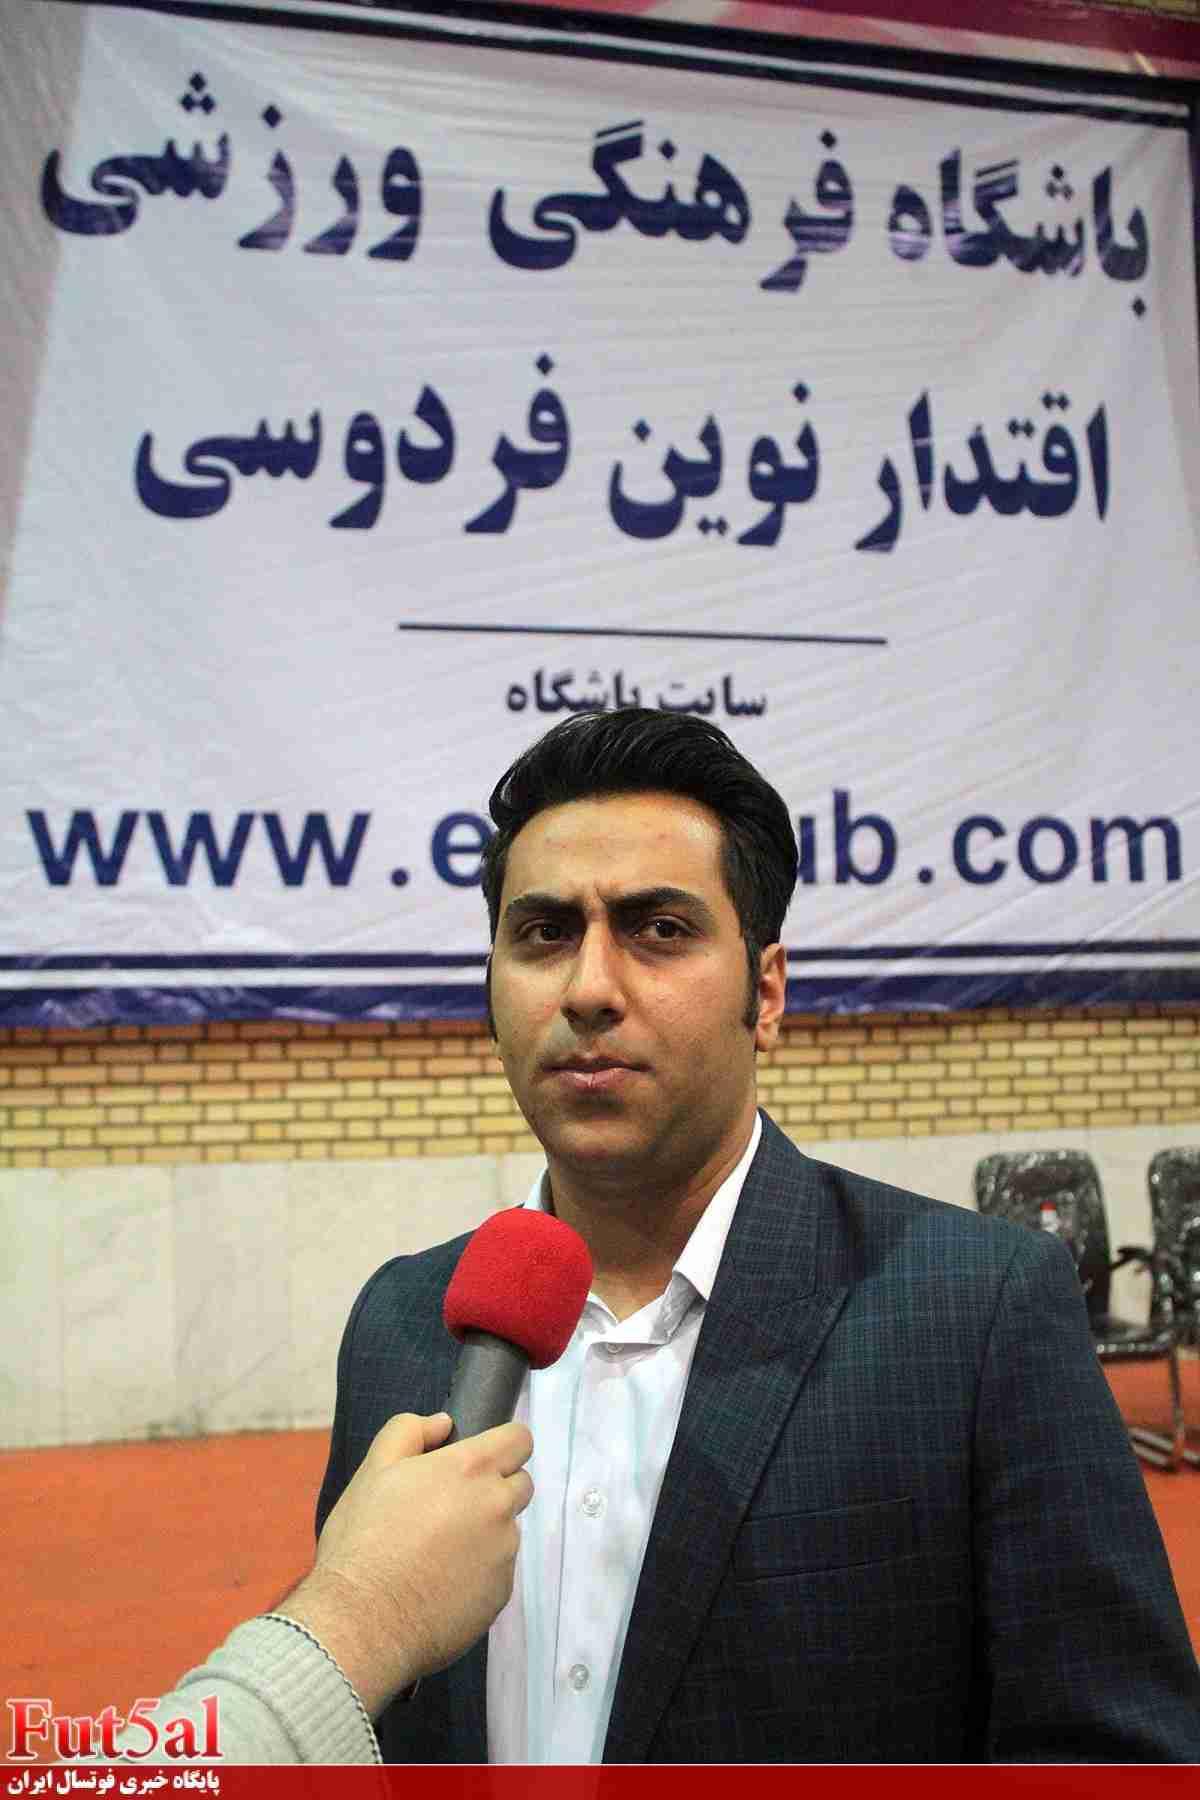 نعمتی رئیس کمیته فوتسال استان خراسان رضوی شد